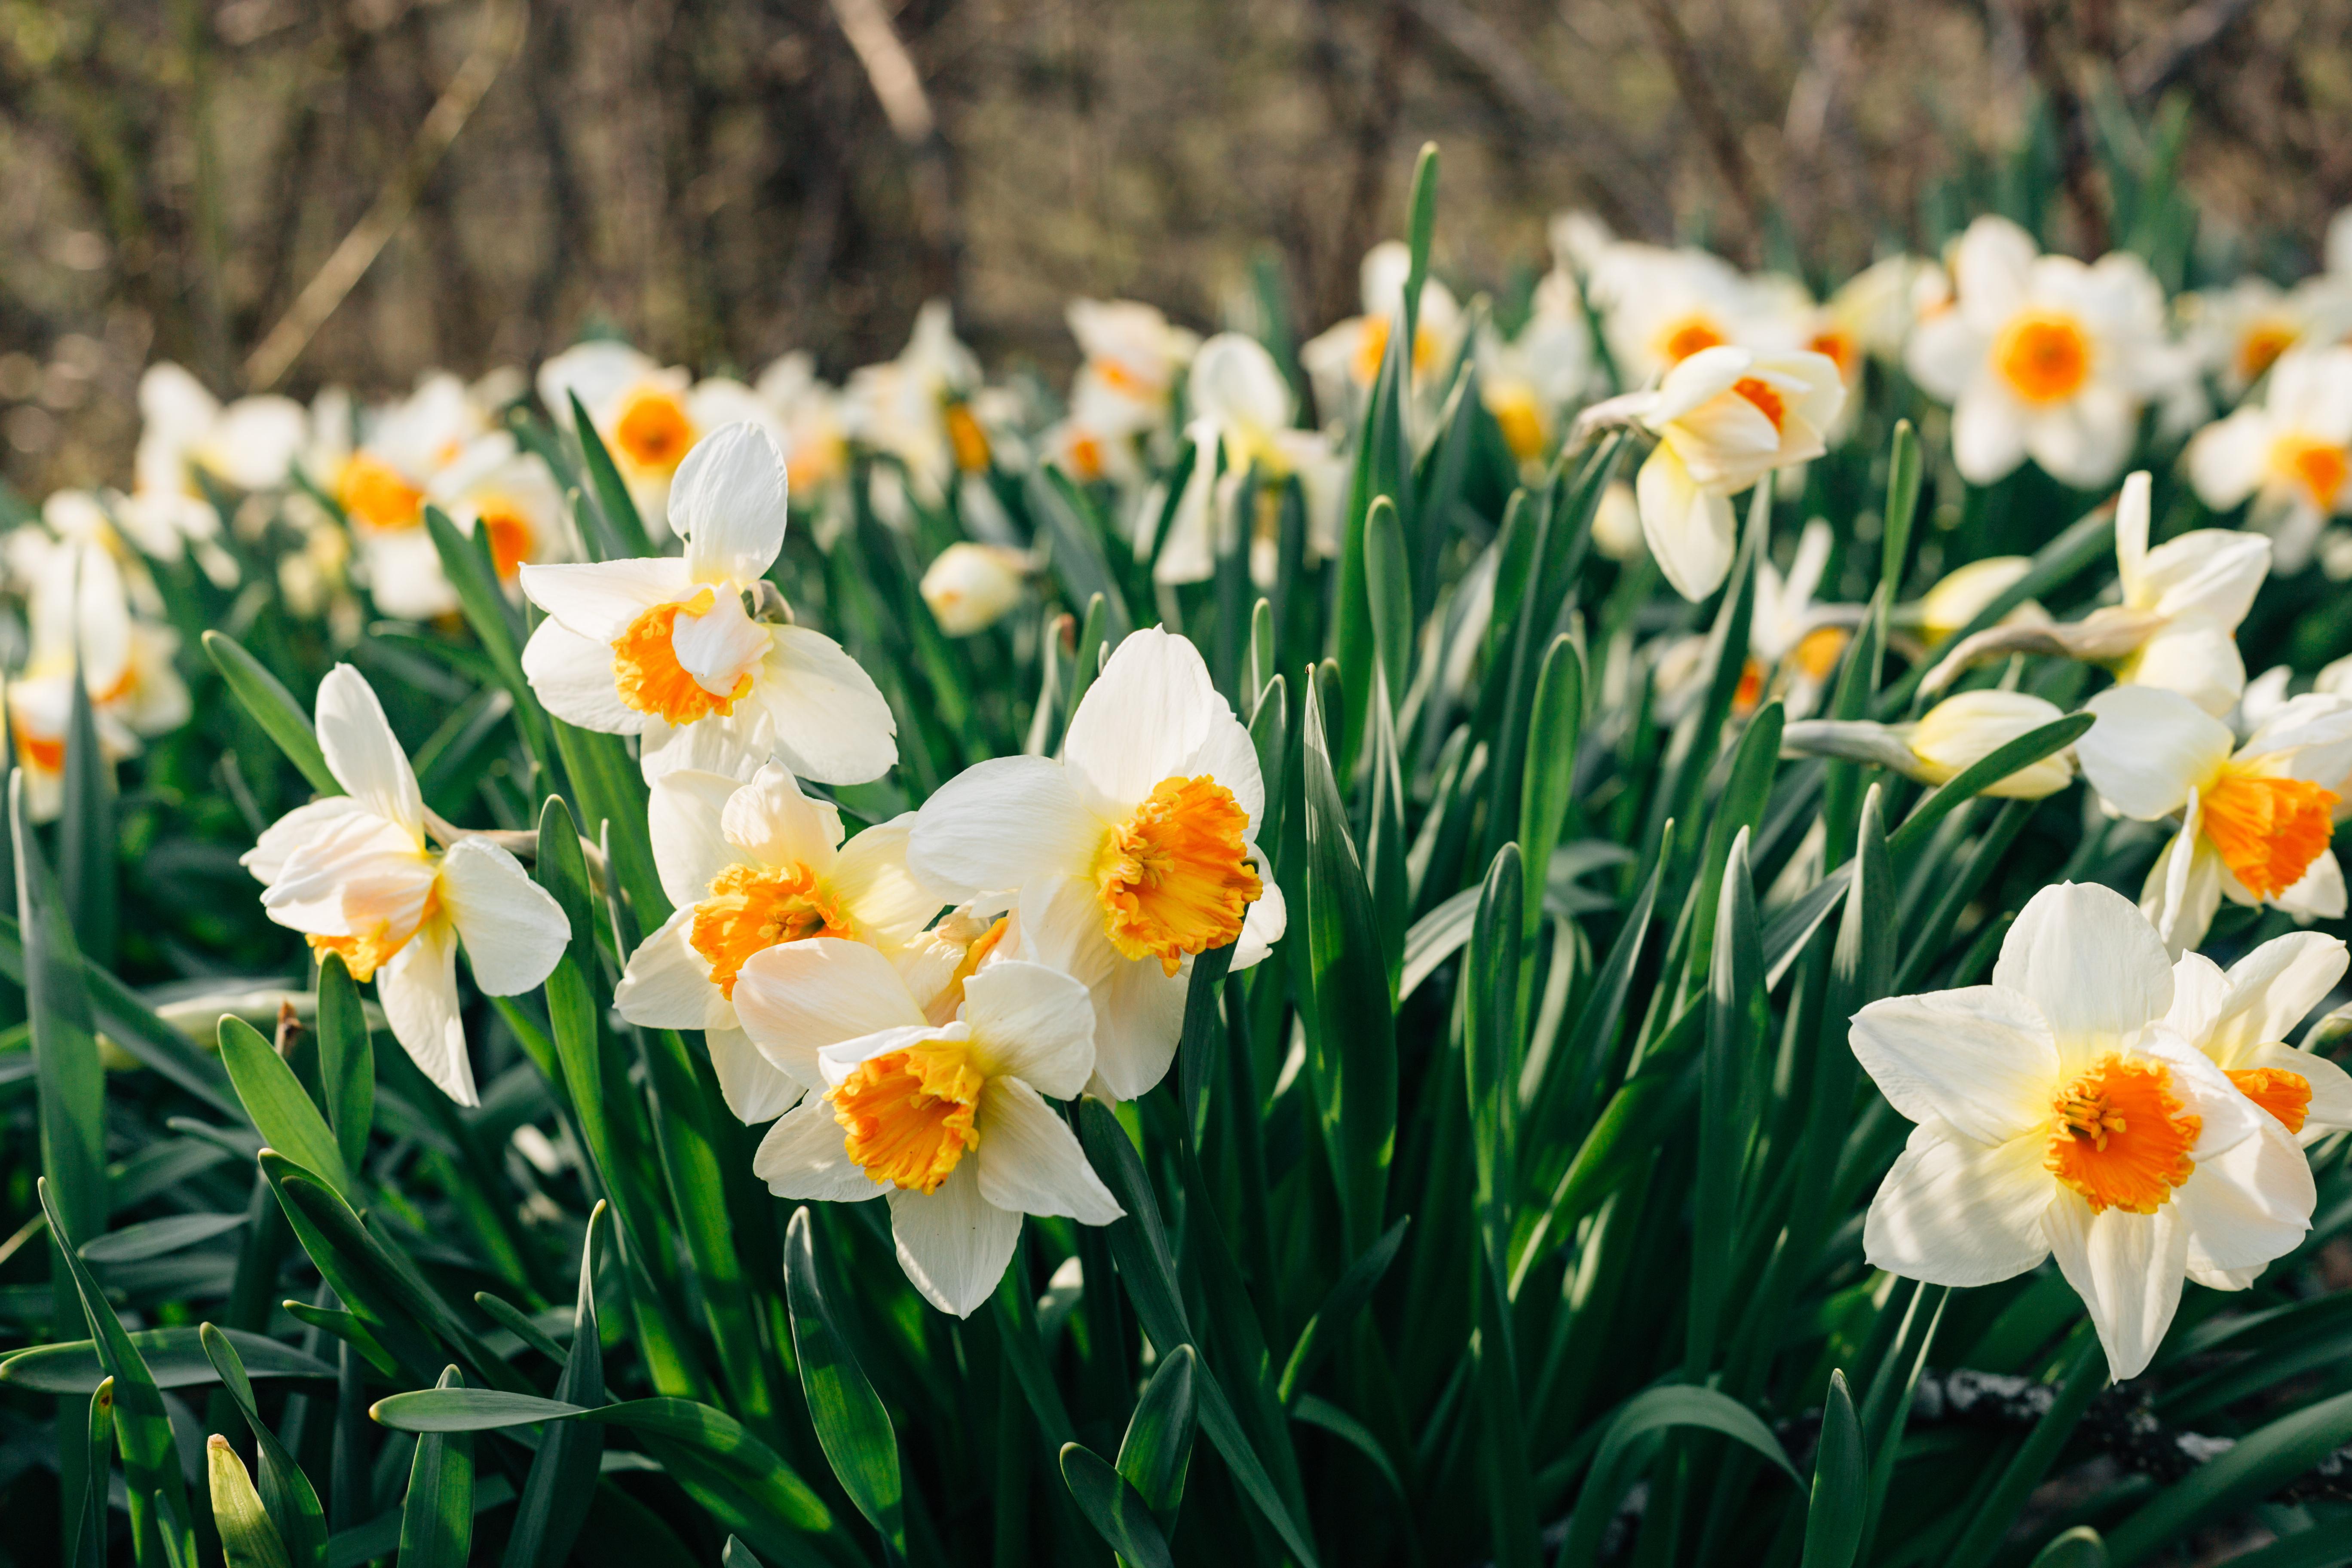 145410 Заставки и Обои Нарциссы на телефон. Скачать Цветы, Нарциссы, Клумба картинки бесплатно